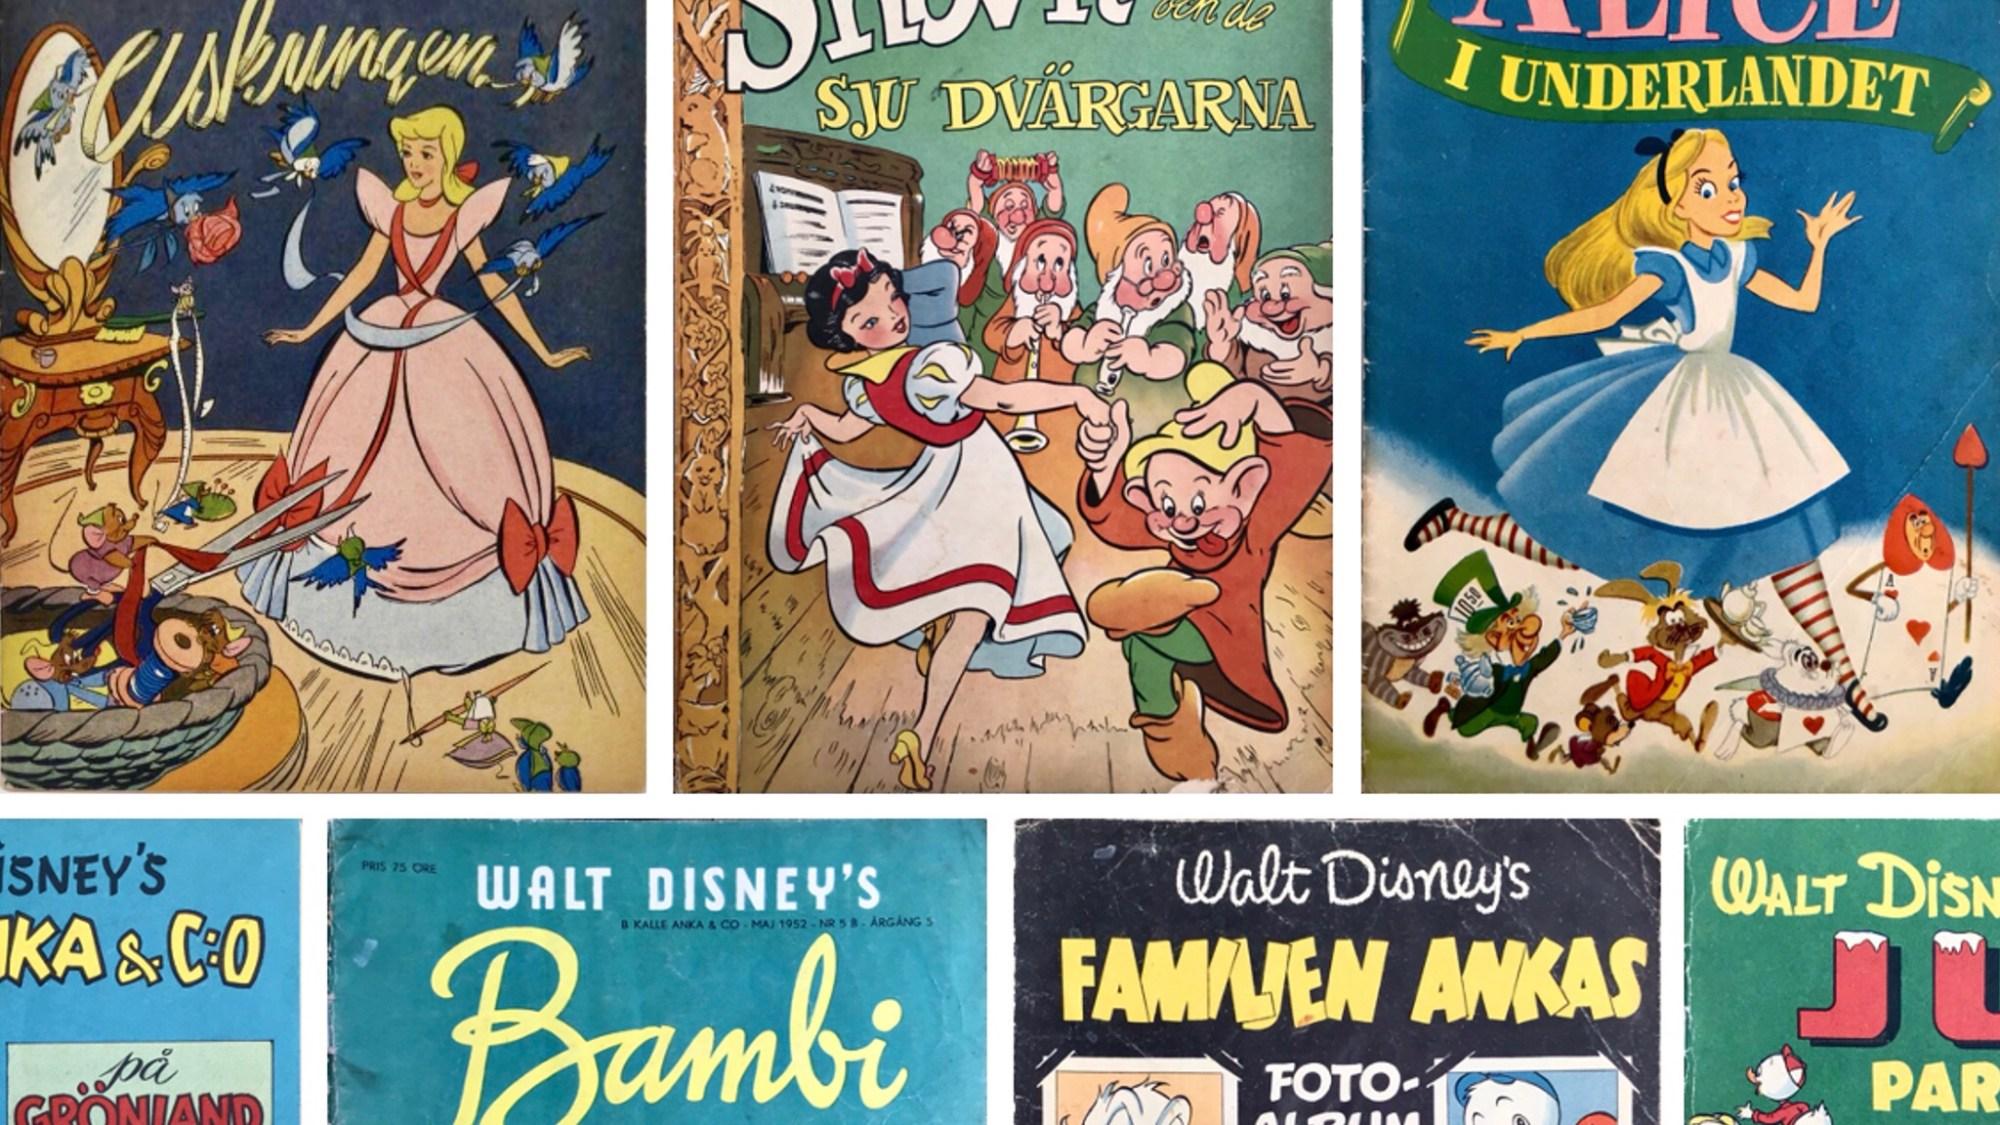 Walt Disney's serier 1950-52